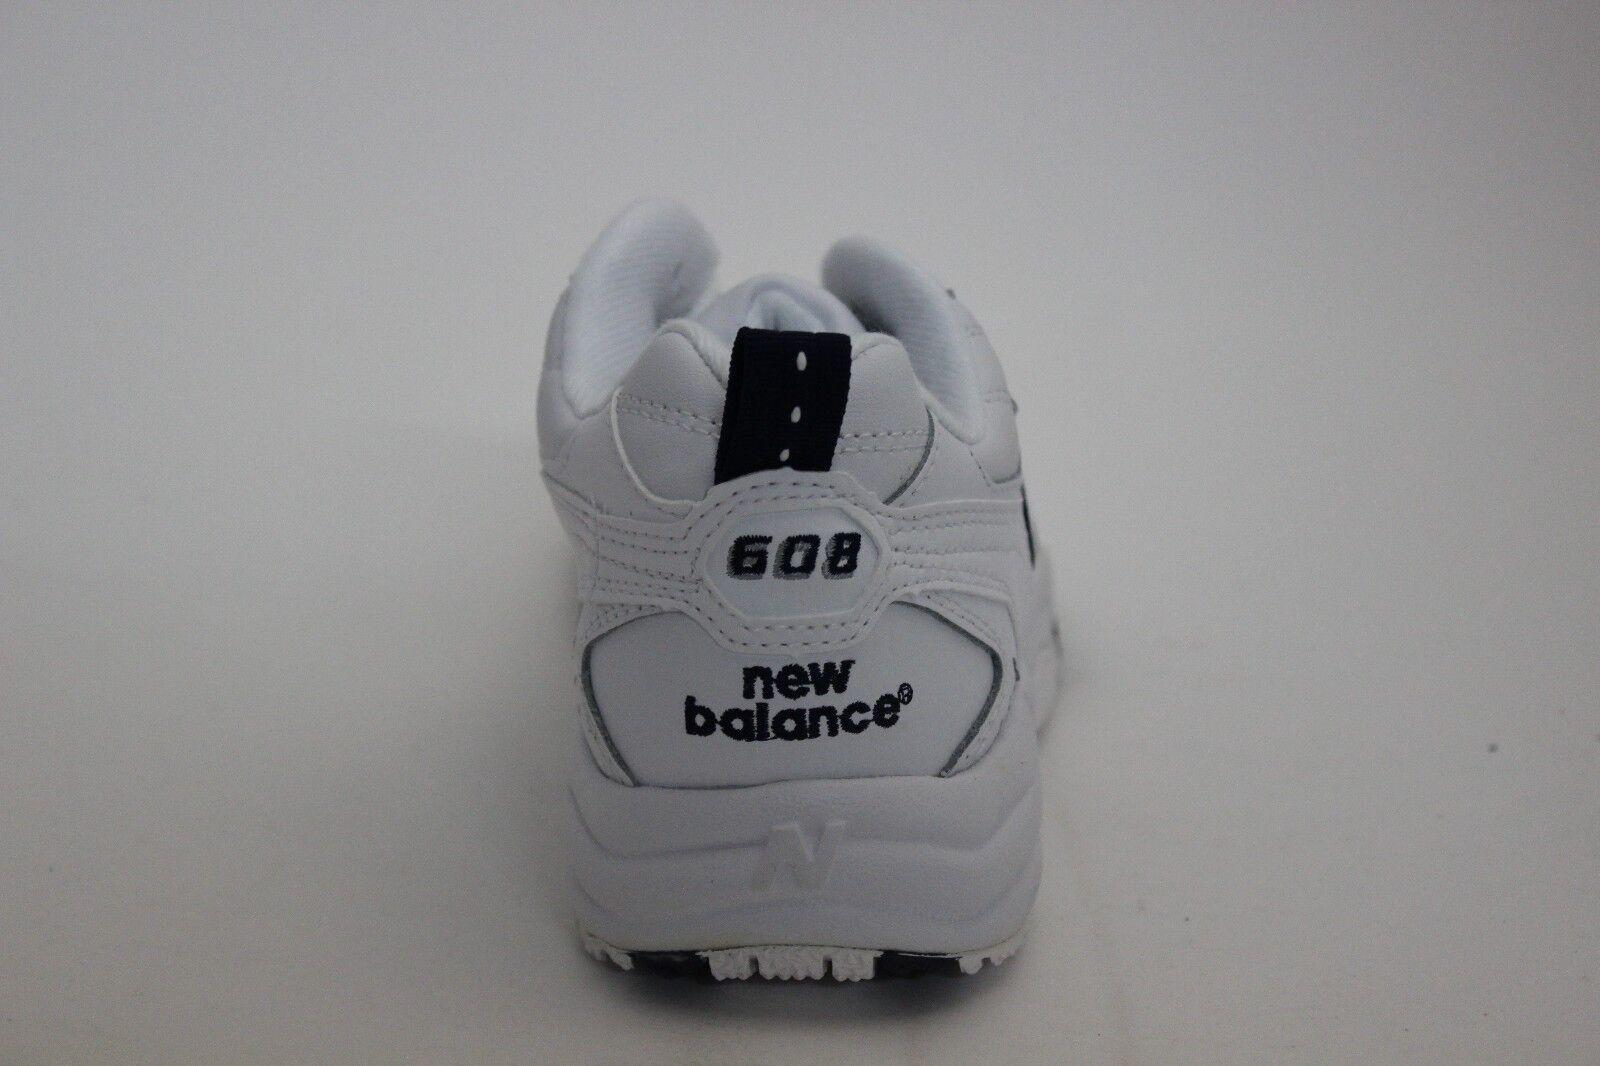 Damen New Balance Trainieren in 608 Weiß WX608WT Nagelneu in Trainieren Karton 915f02